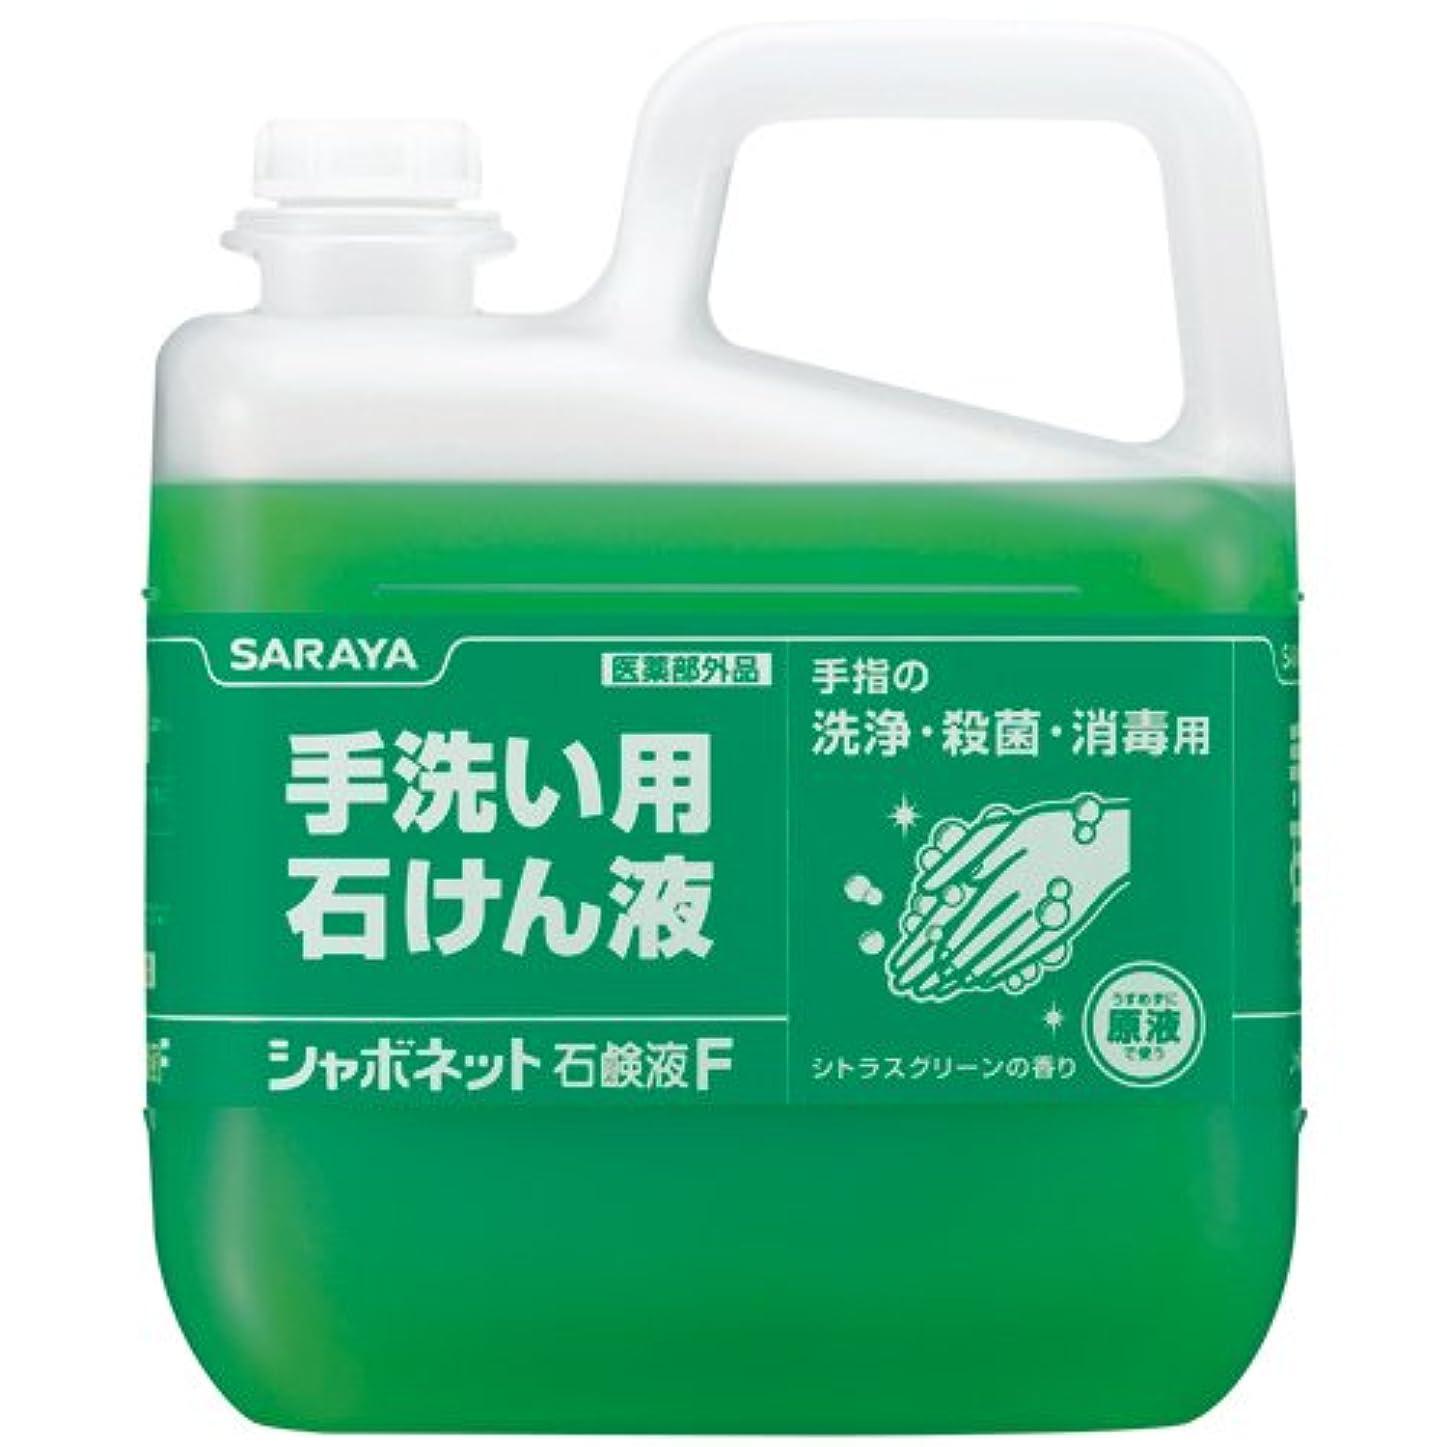 ウェイター指定防腐剤サラヤ シャボネット 石鹸液 業務用 5kg